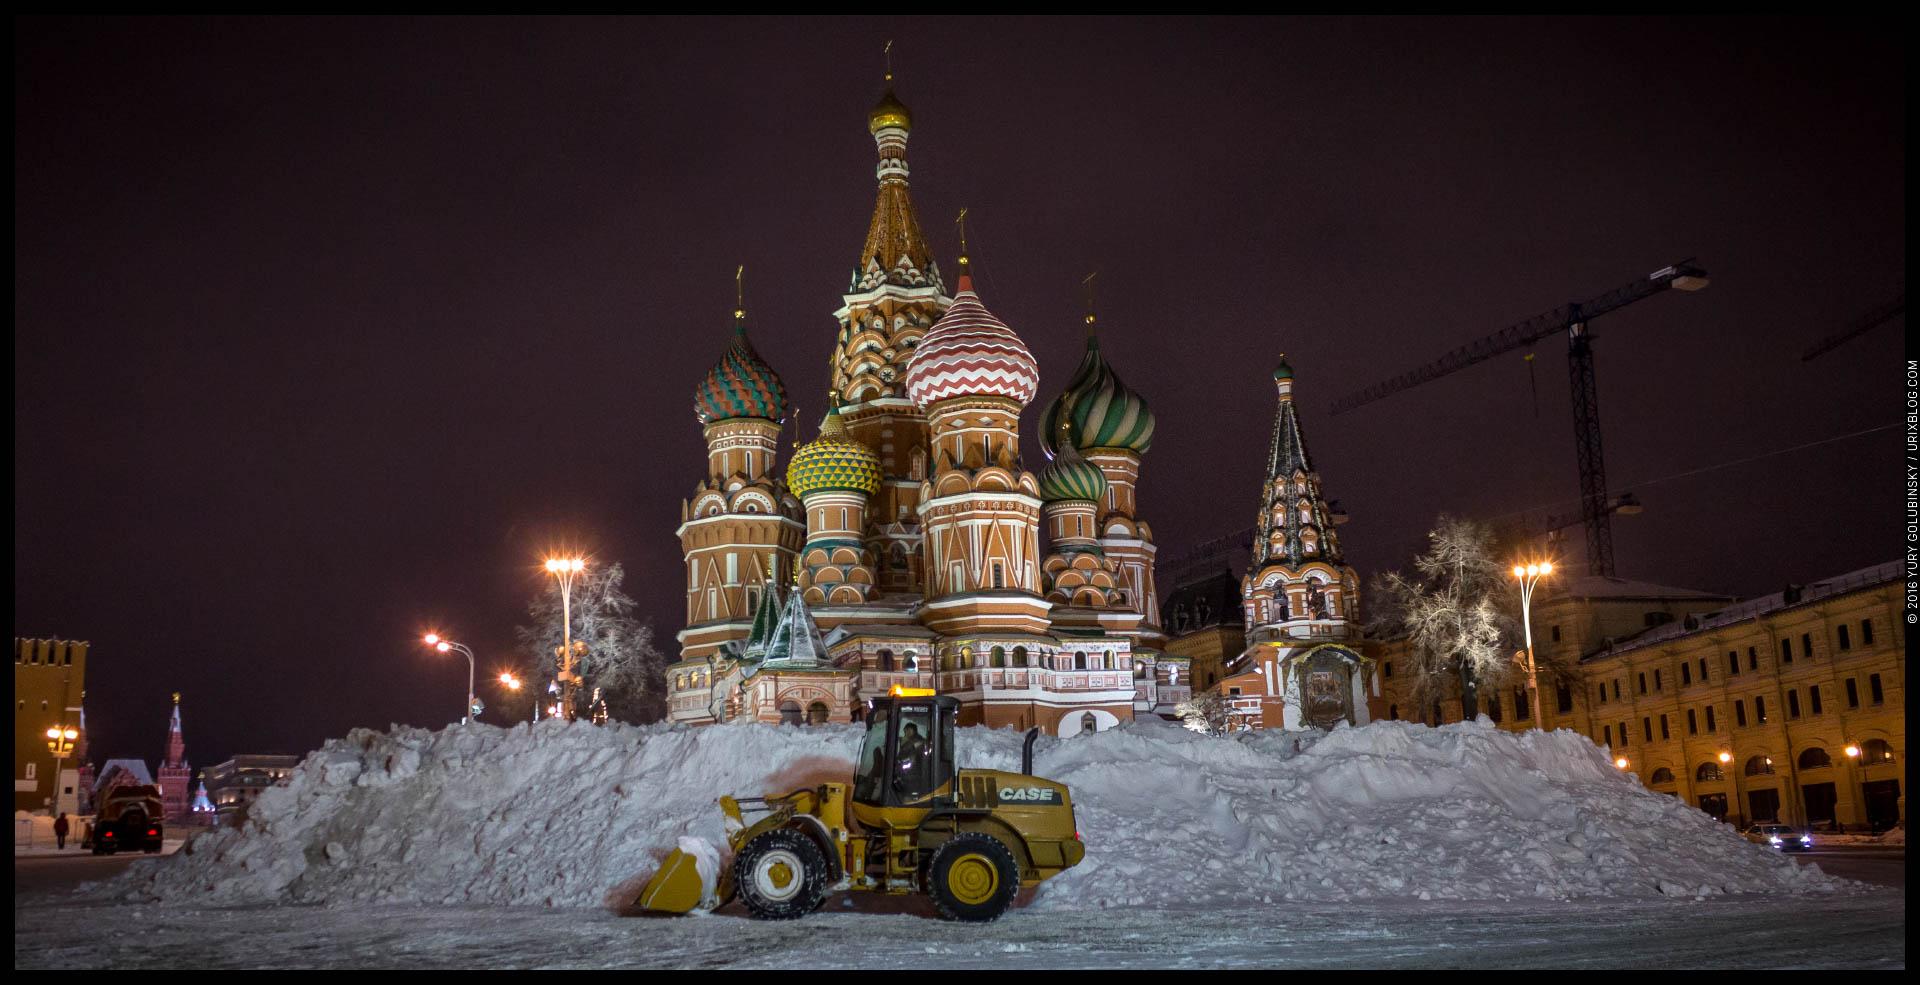 Собор Василия блаженного, снег, куча, зима, трактор, ночь, Москва, Россия, 2016, панорама